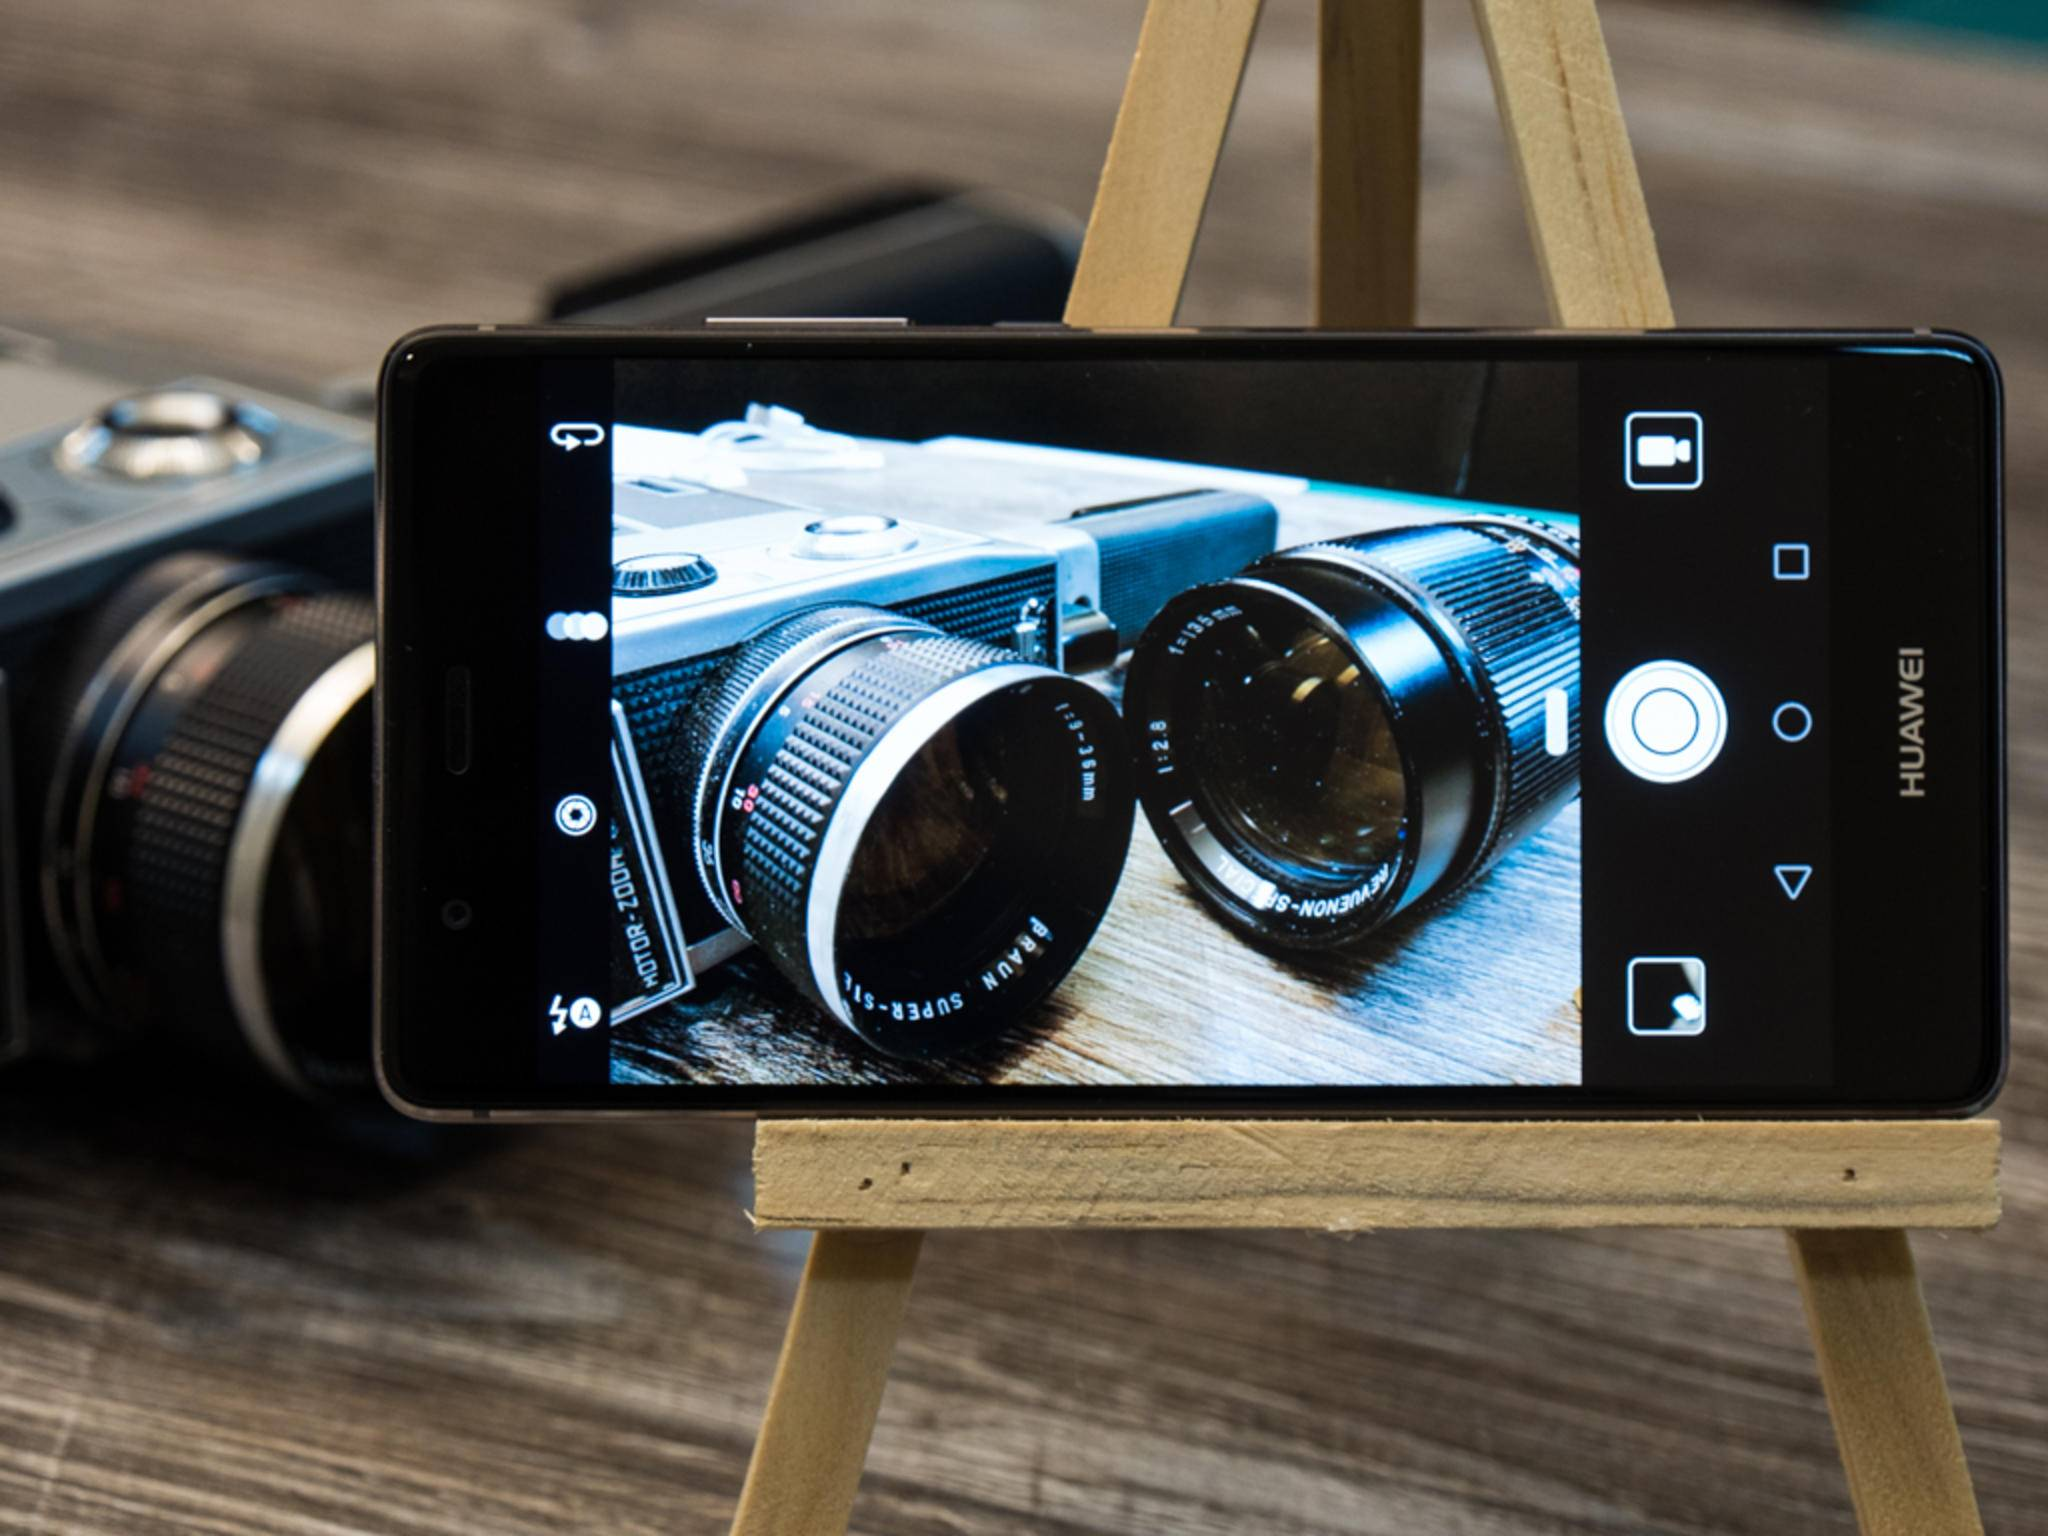 Wie der Vorgänger dürfte auch das Huawei P10 wieder eine Dual-Kamera haben.